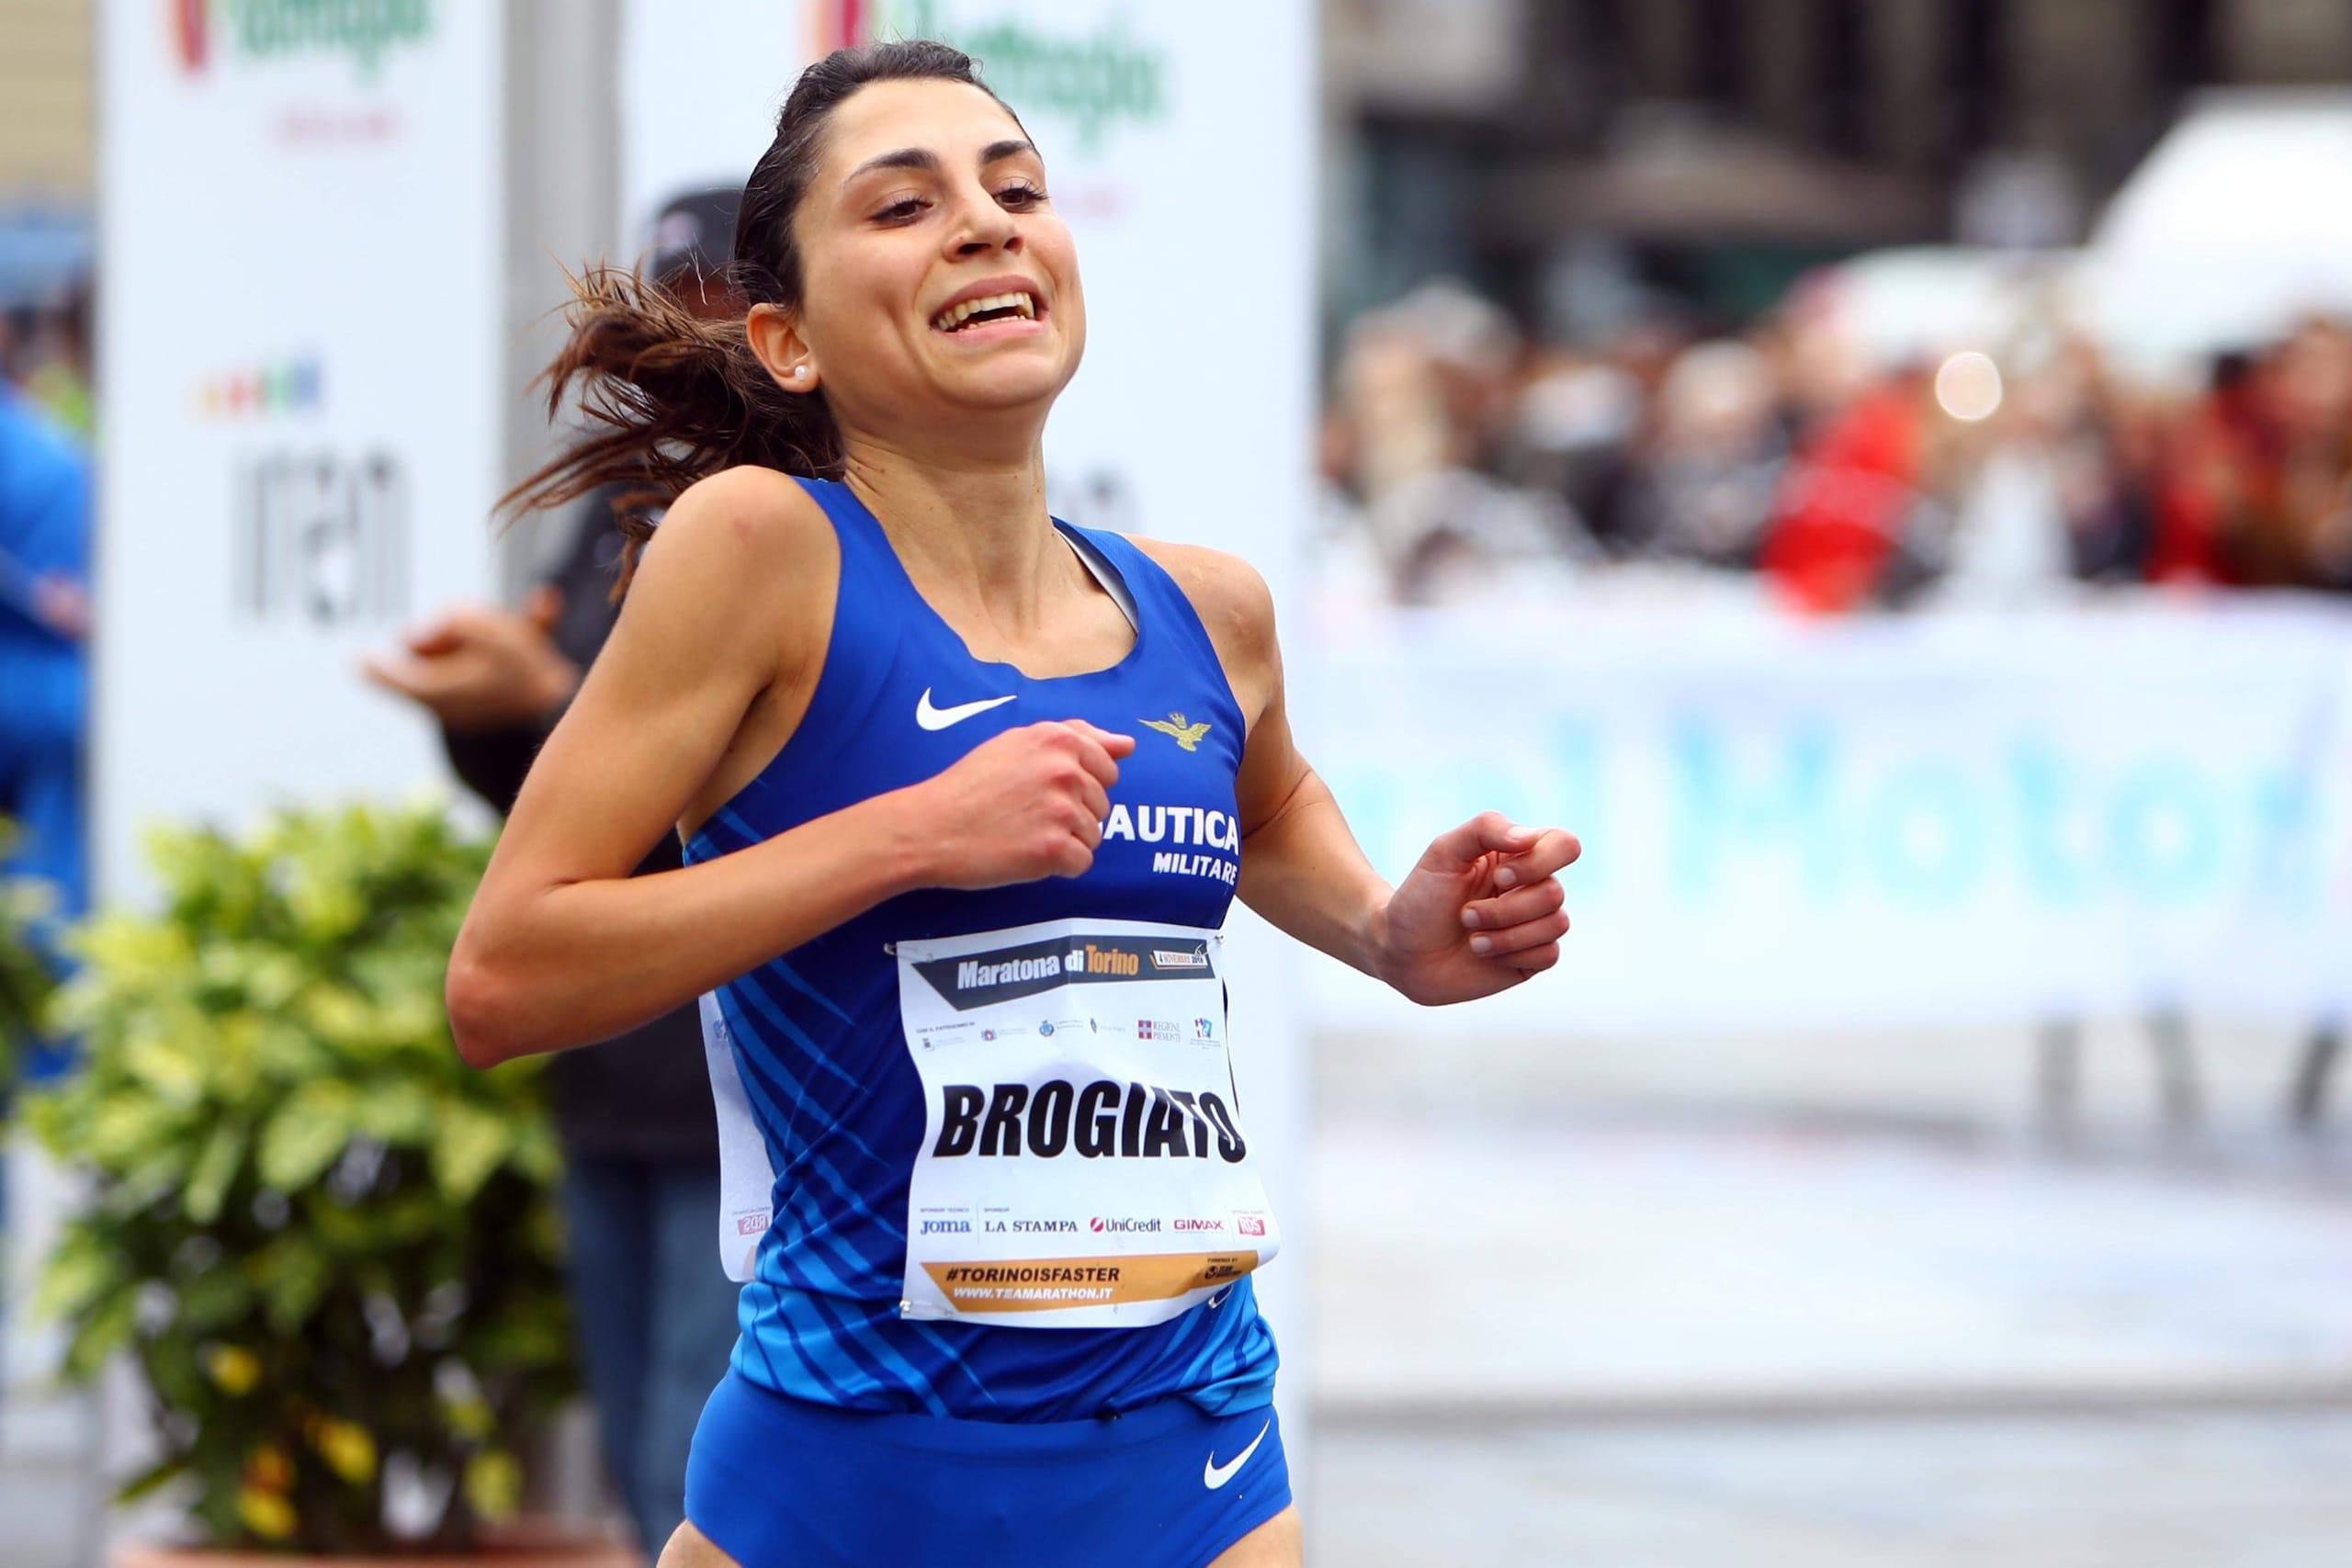 Sara Brogiato, buon esordio a Maratona di Torino